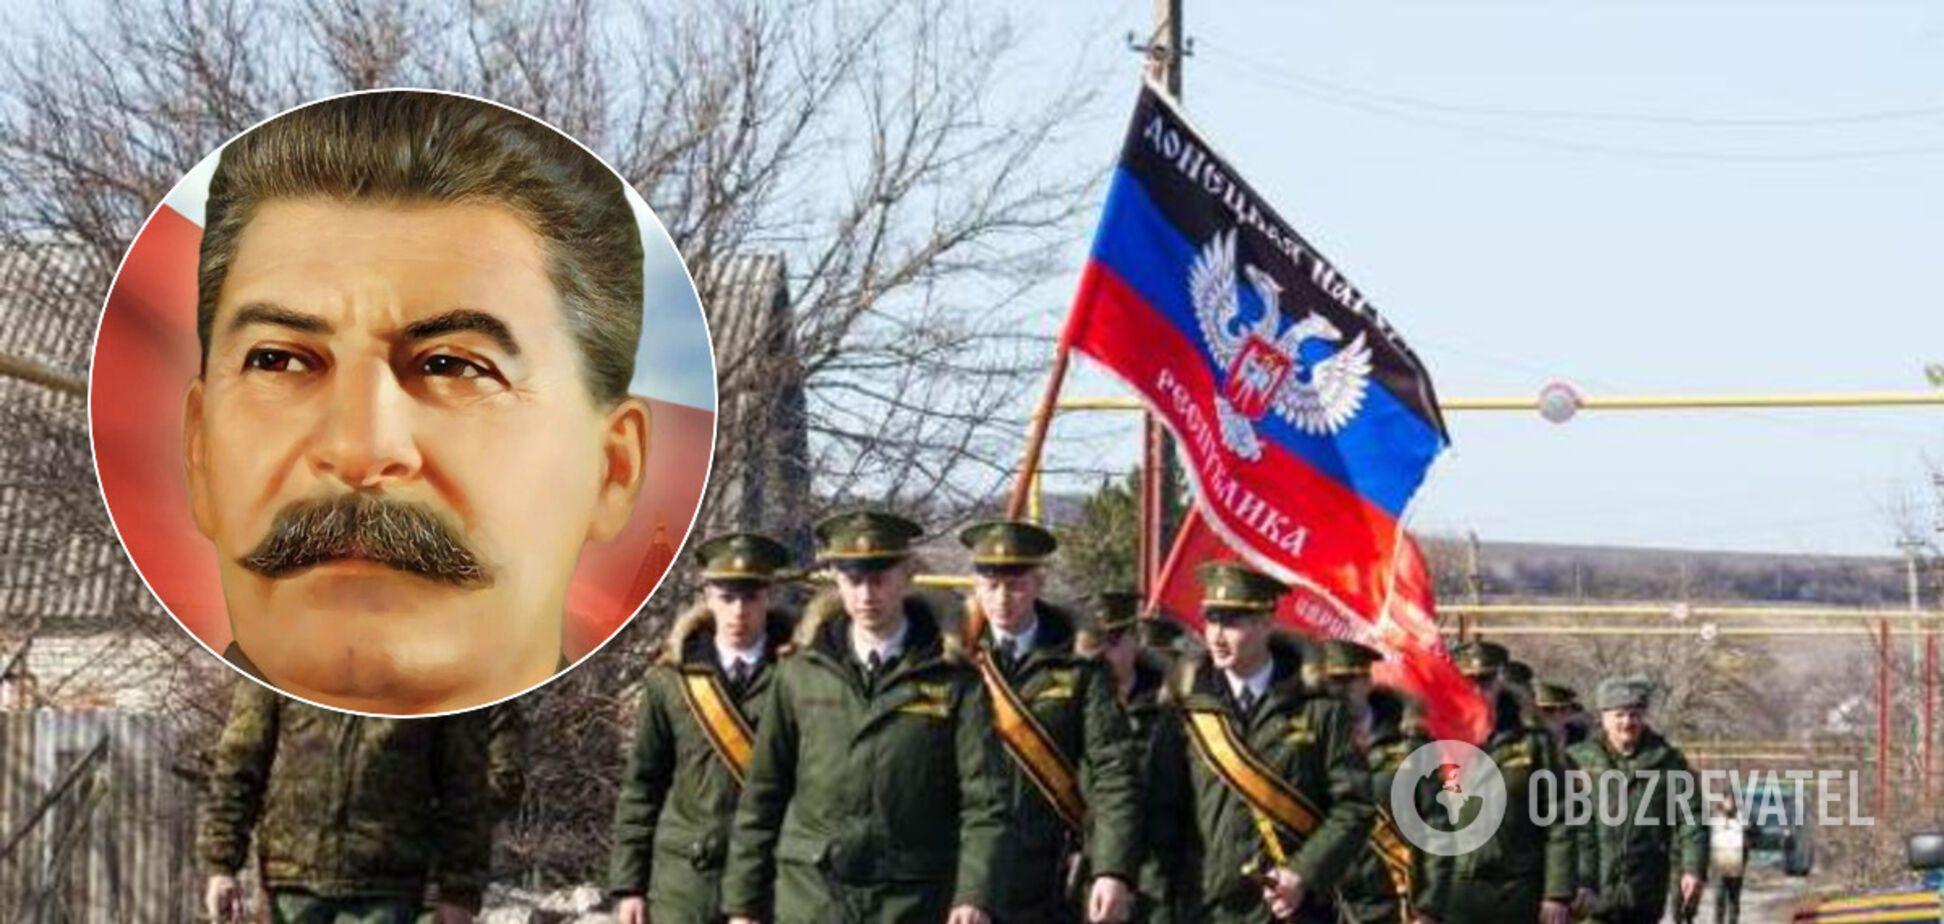 Переименование Донецка и Луганска: историк пояснил выходку террористов